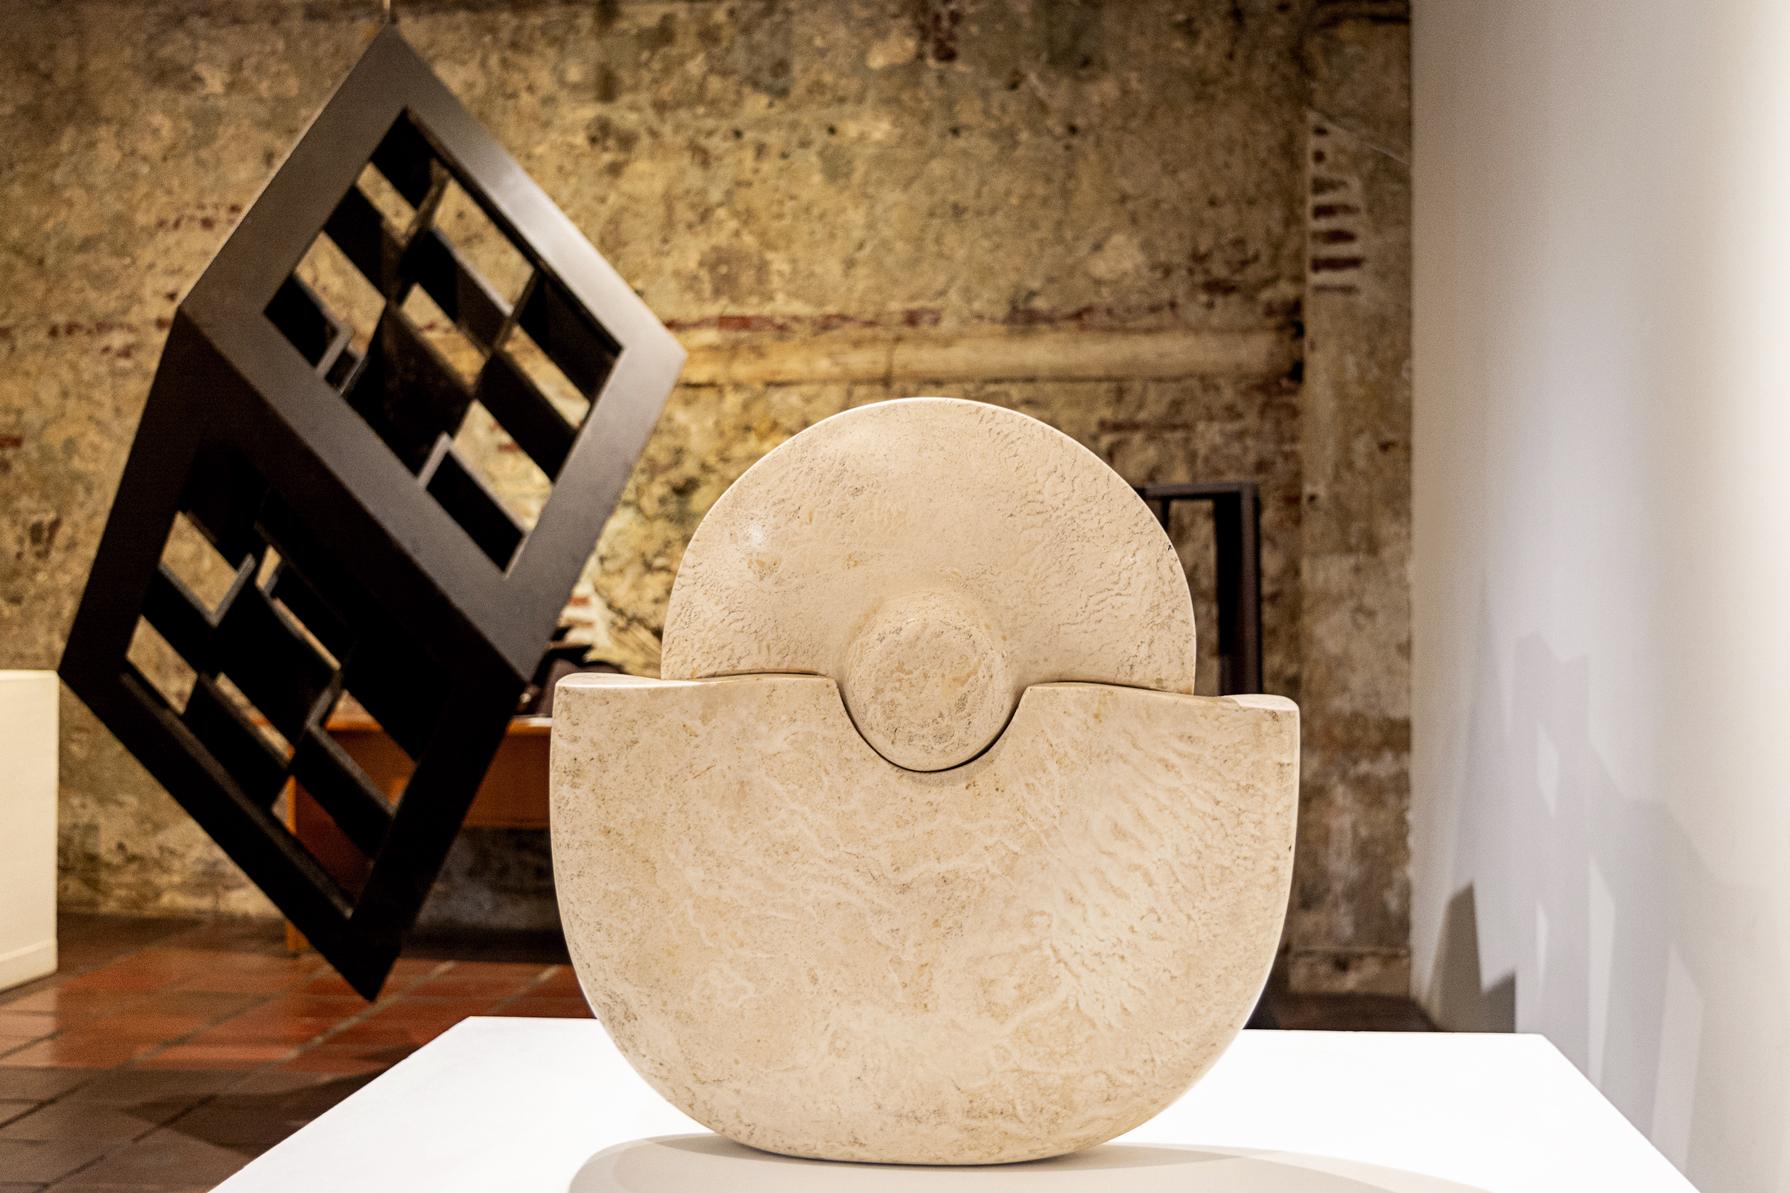 <CENTER>Museo de arte moderno de cartagena</CENTER>